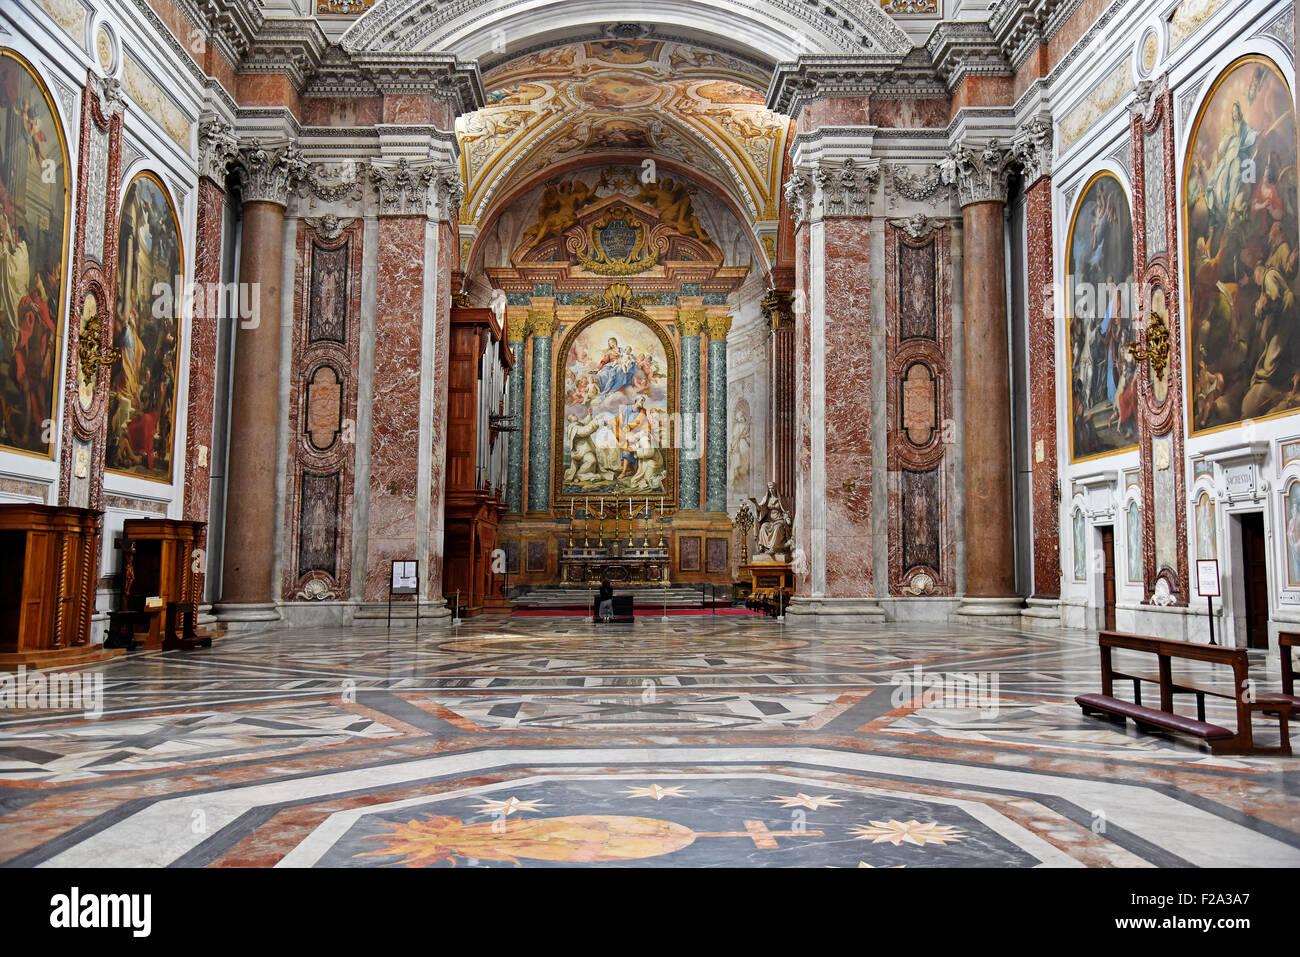 La Basilica di Santa Maria degli Angeli e dei Martiri, basílica, Roma, Lazio, Italia Foto de stock